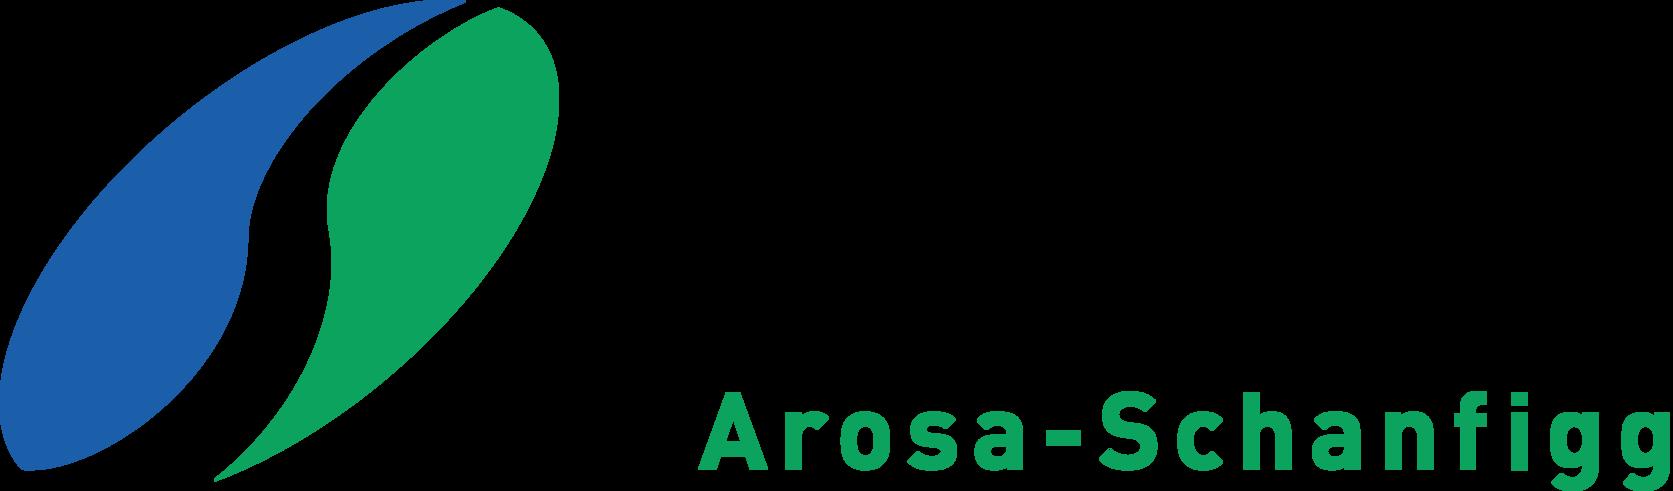 Gesundheit Arosa AG - Spitex Arosa-Schanfigg